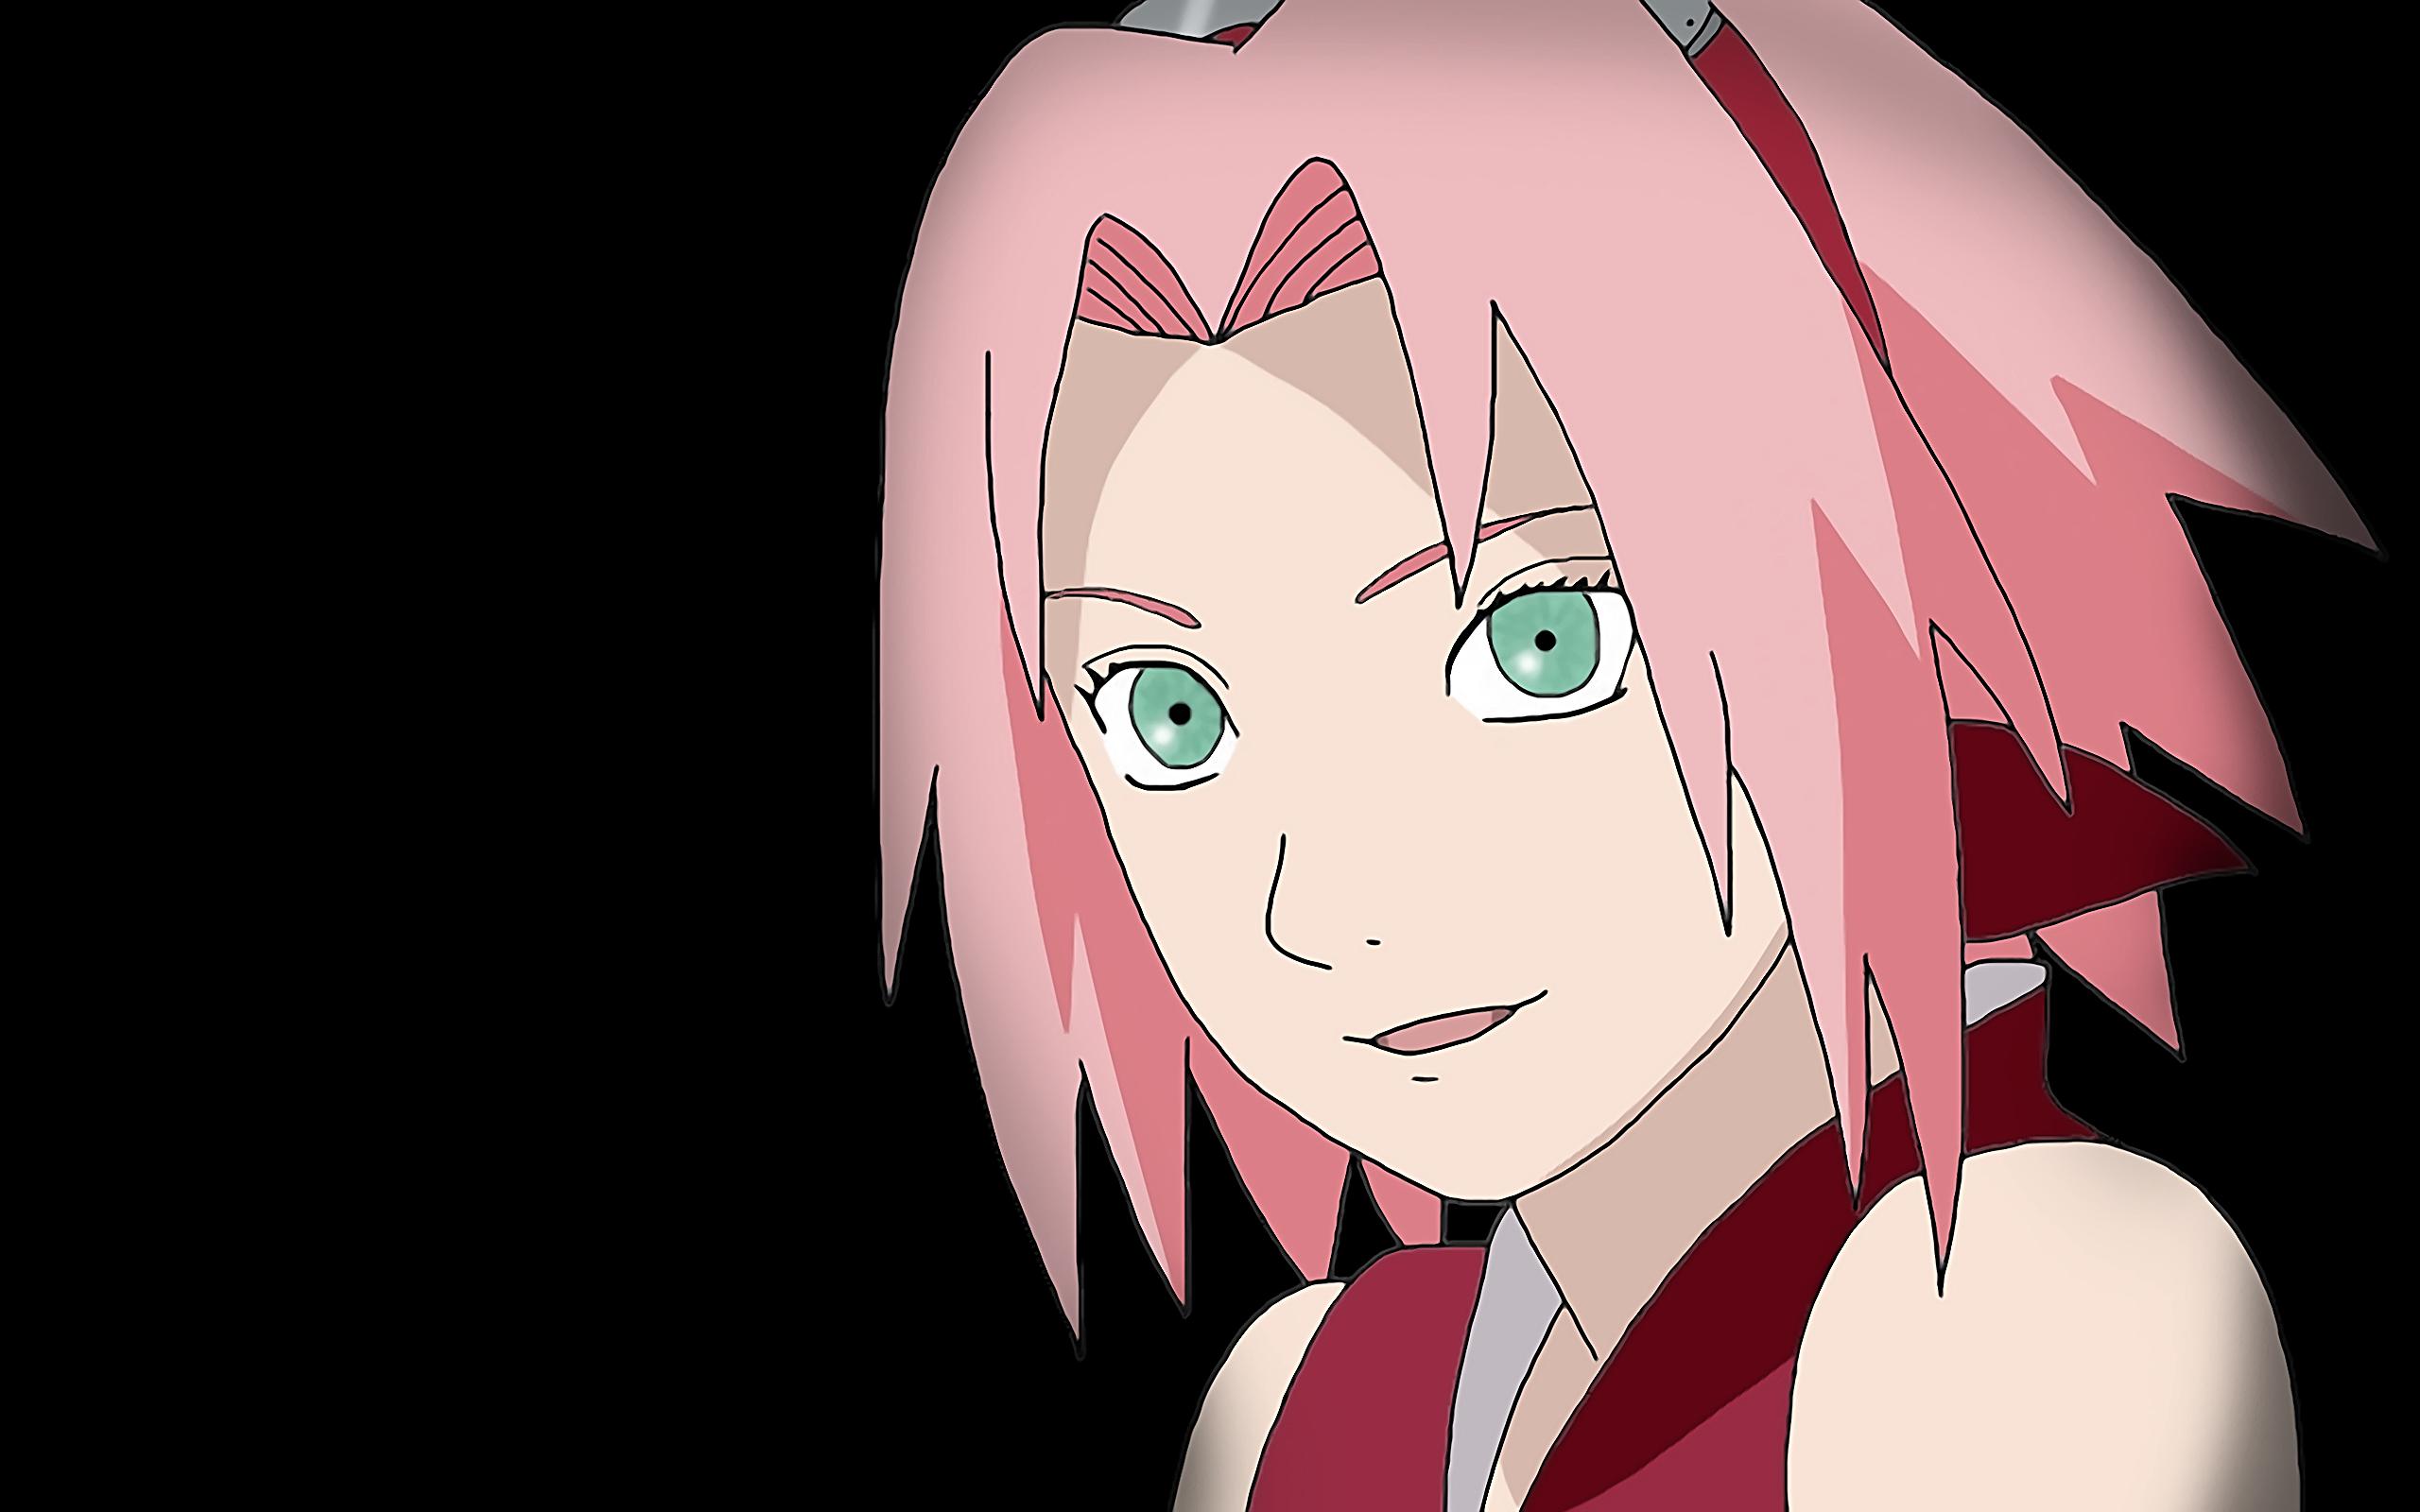 Free Download Haruno Sakura Wallpaper 2560x1600 Haruno Sakura